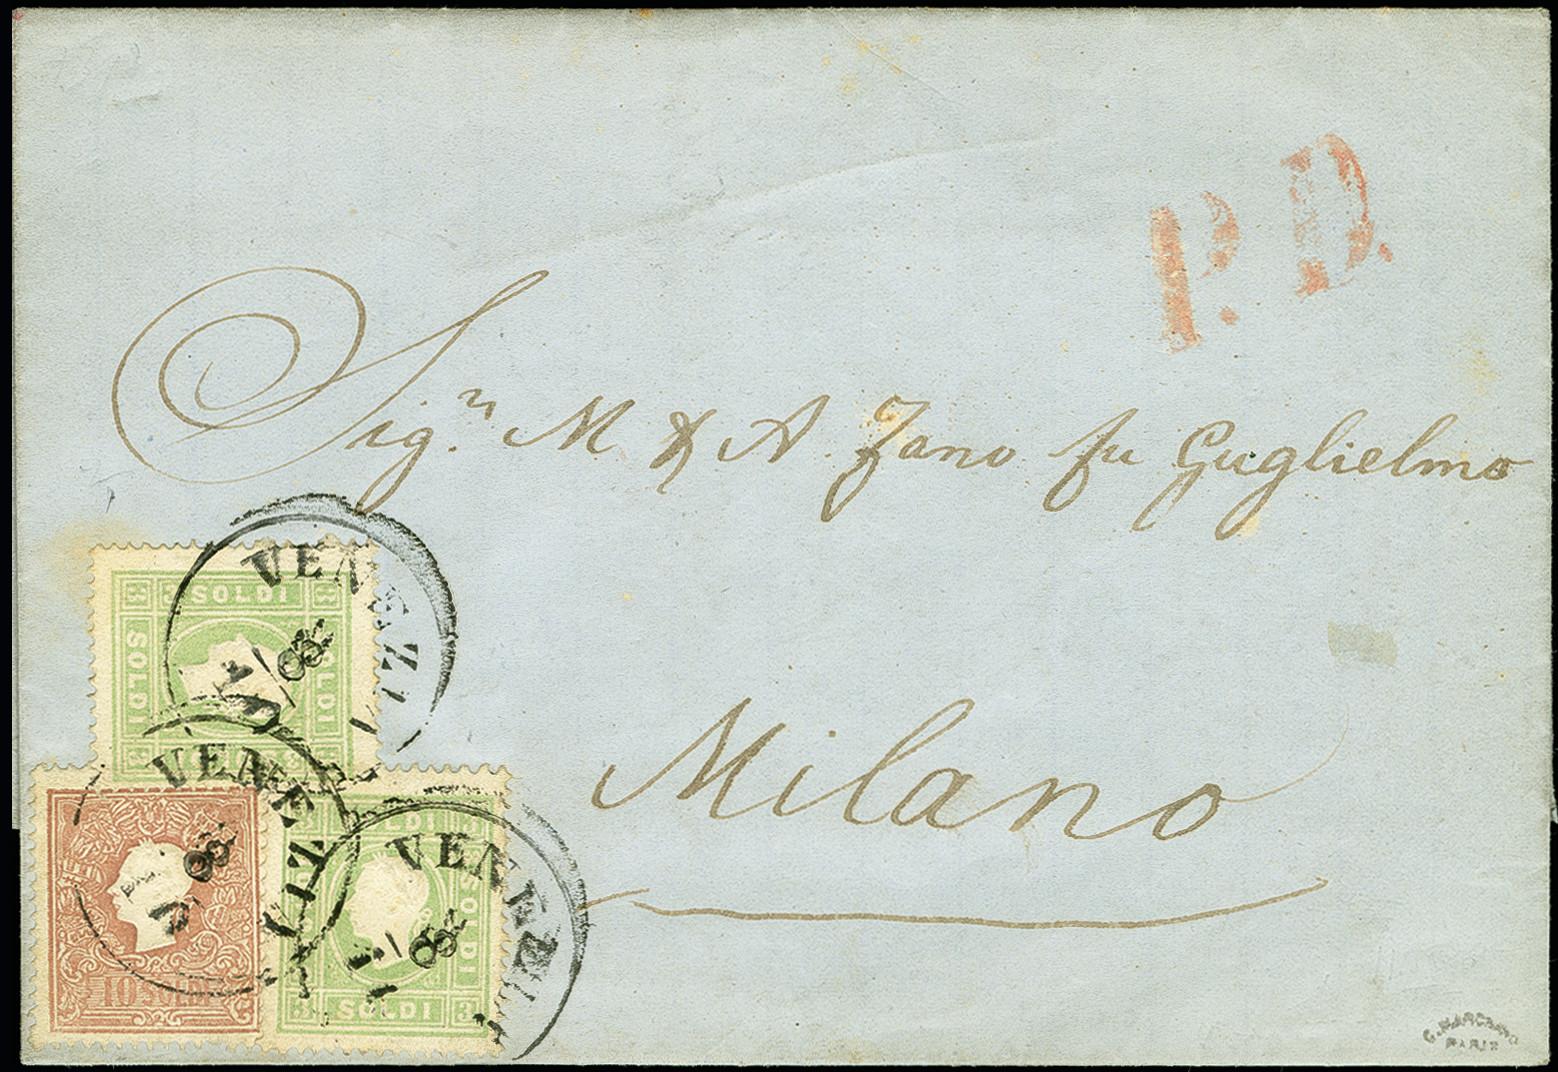 Lot 1109 - österreich lombardy venetia -  Heinrich Koehler Auktionen 375rd Heinrich Köhler auction - Day 1